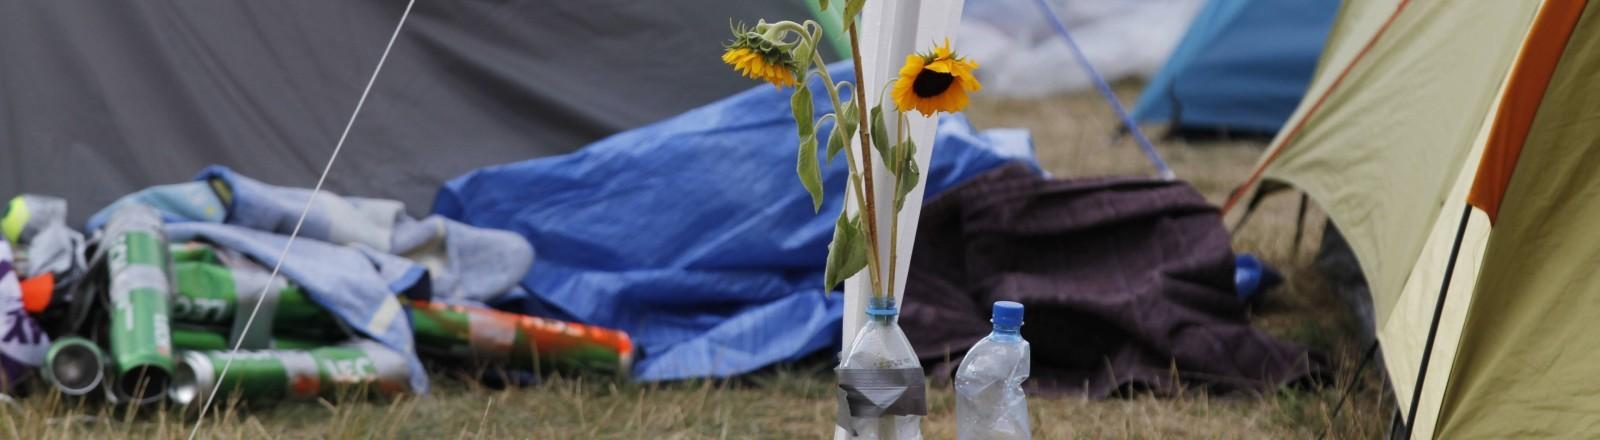 Eine Sonnenblume steckt in einer Wasserflasche auf einem Festivalgelände